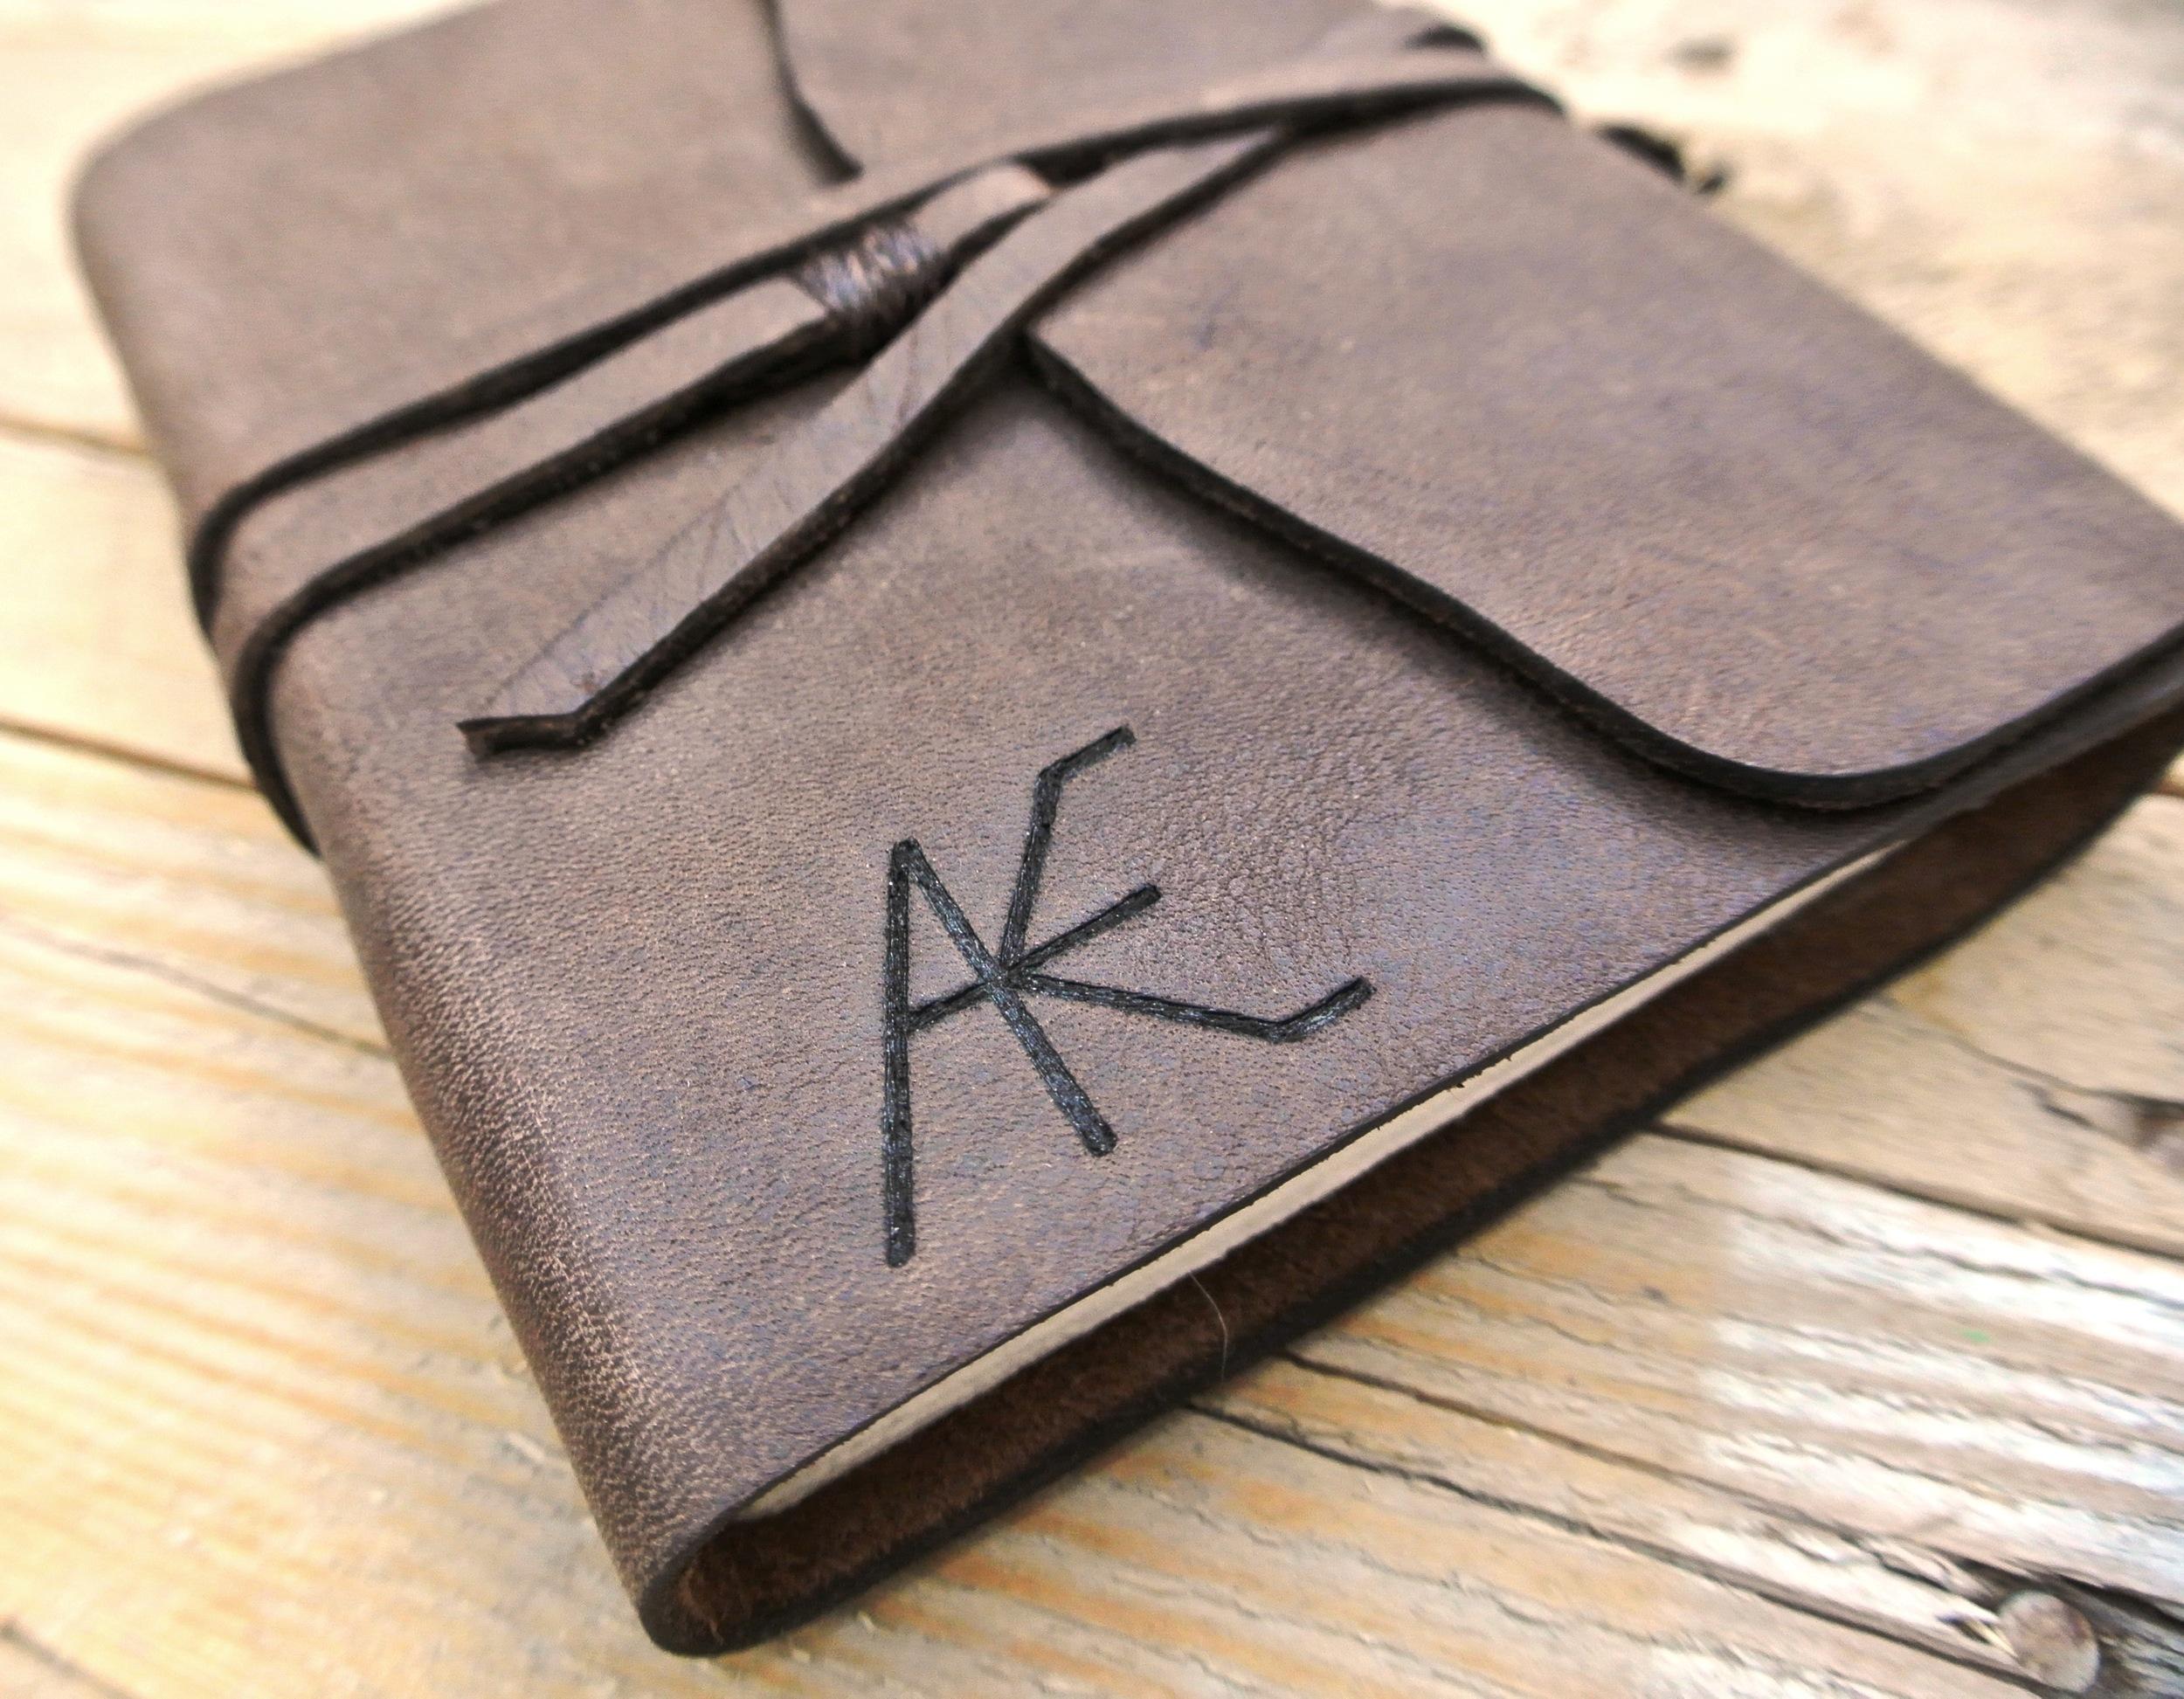 Circle M Brand - AKE brand engraving.JPG